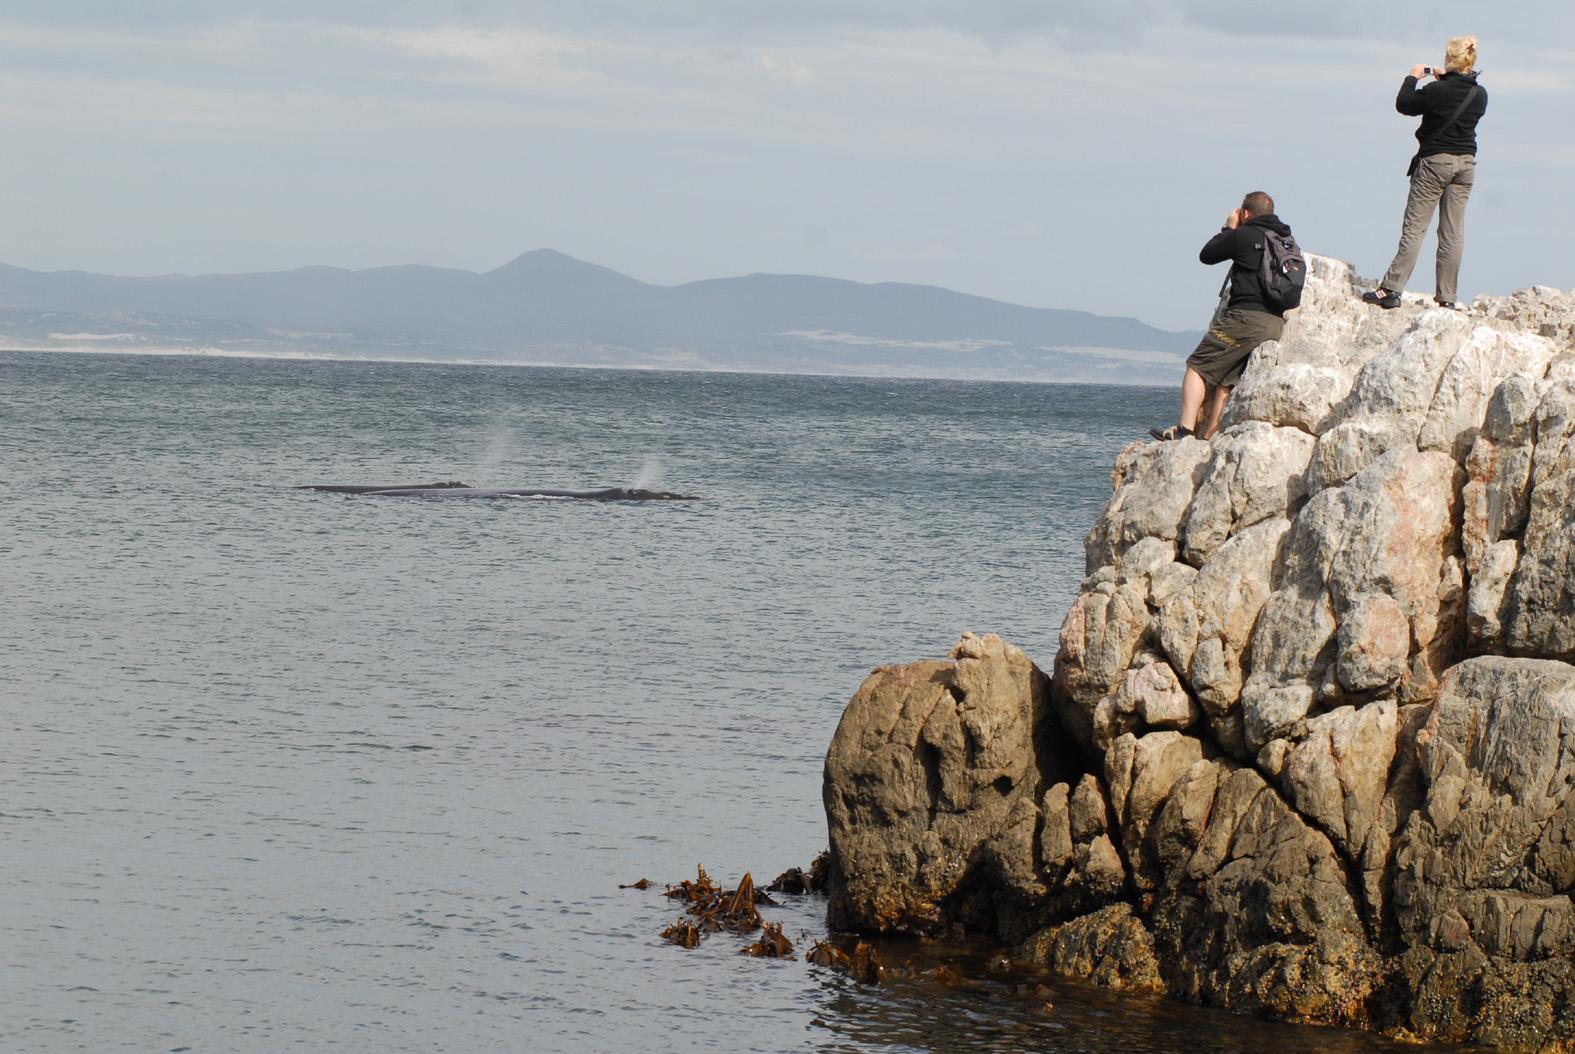 foto: Tom van der Leij | Walvissen fotograferen op rotsen bij zee